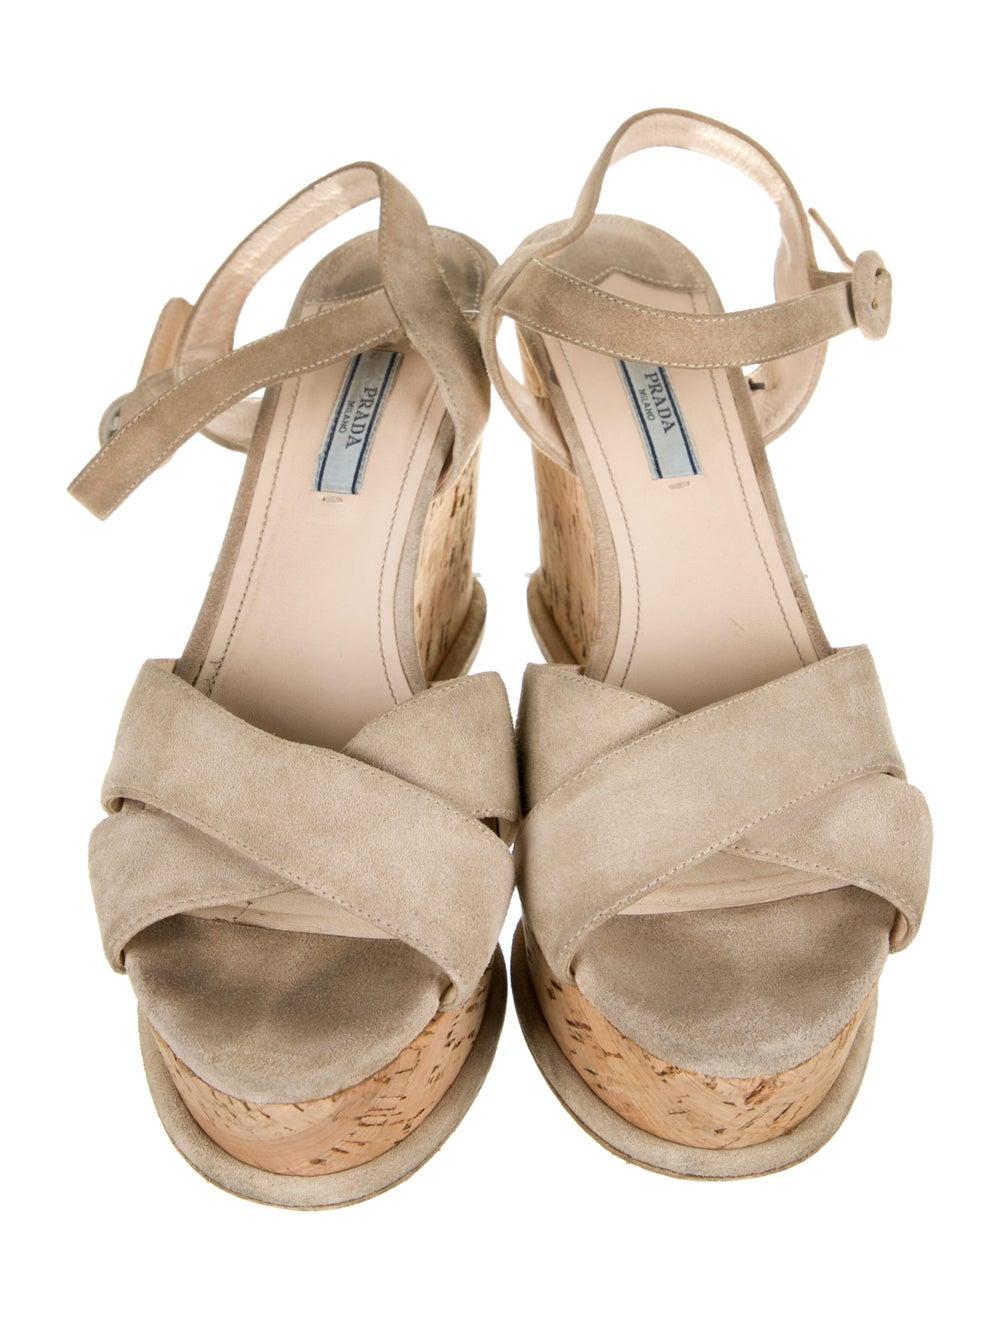 Prada Suede Sandals - image 3